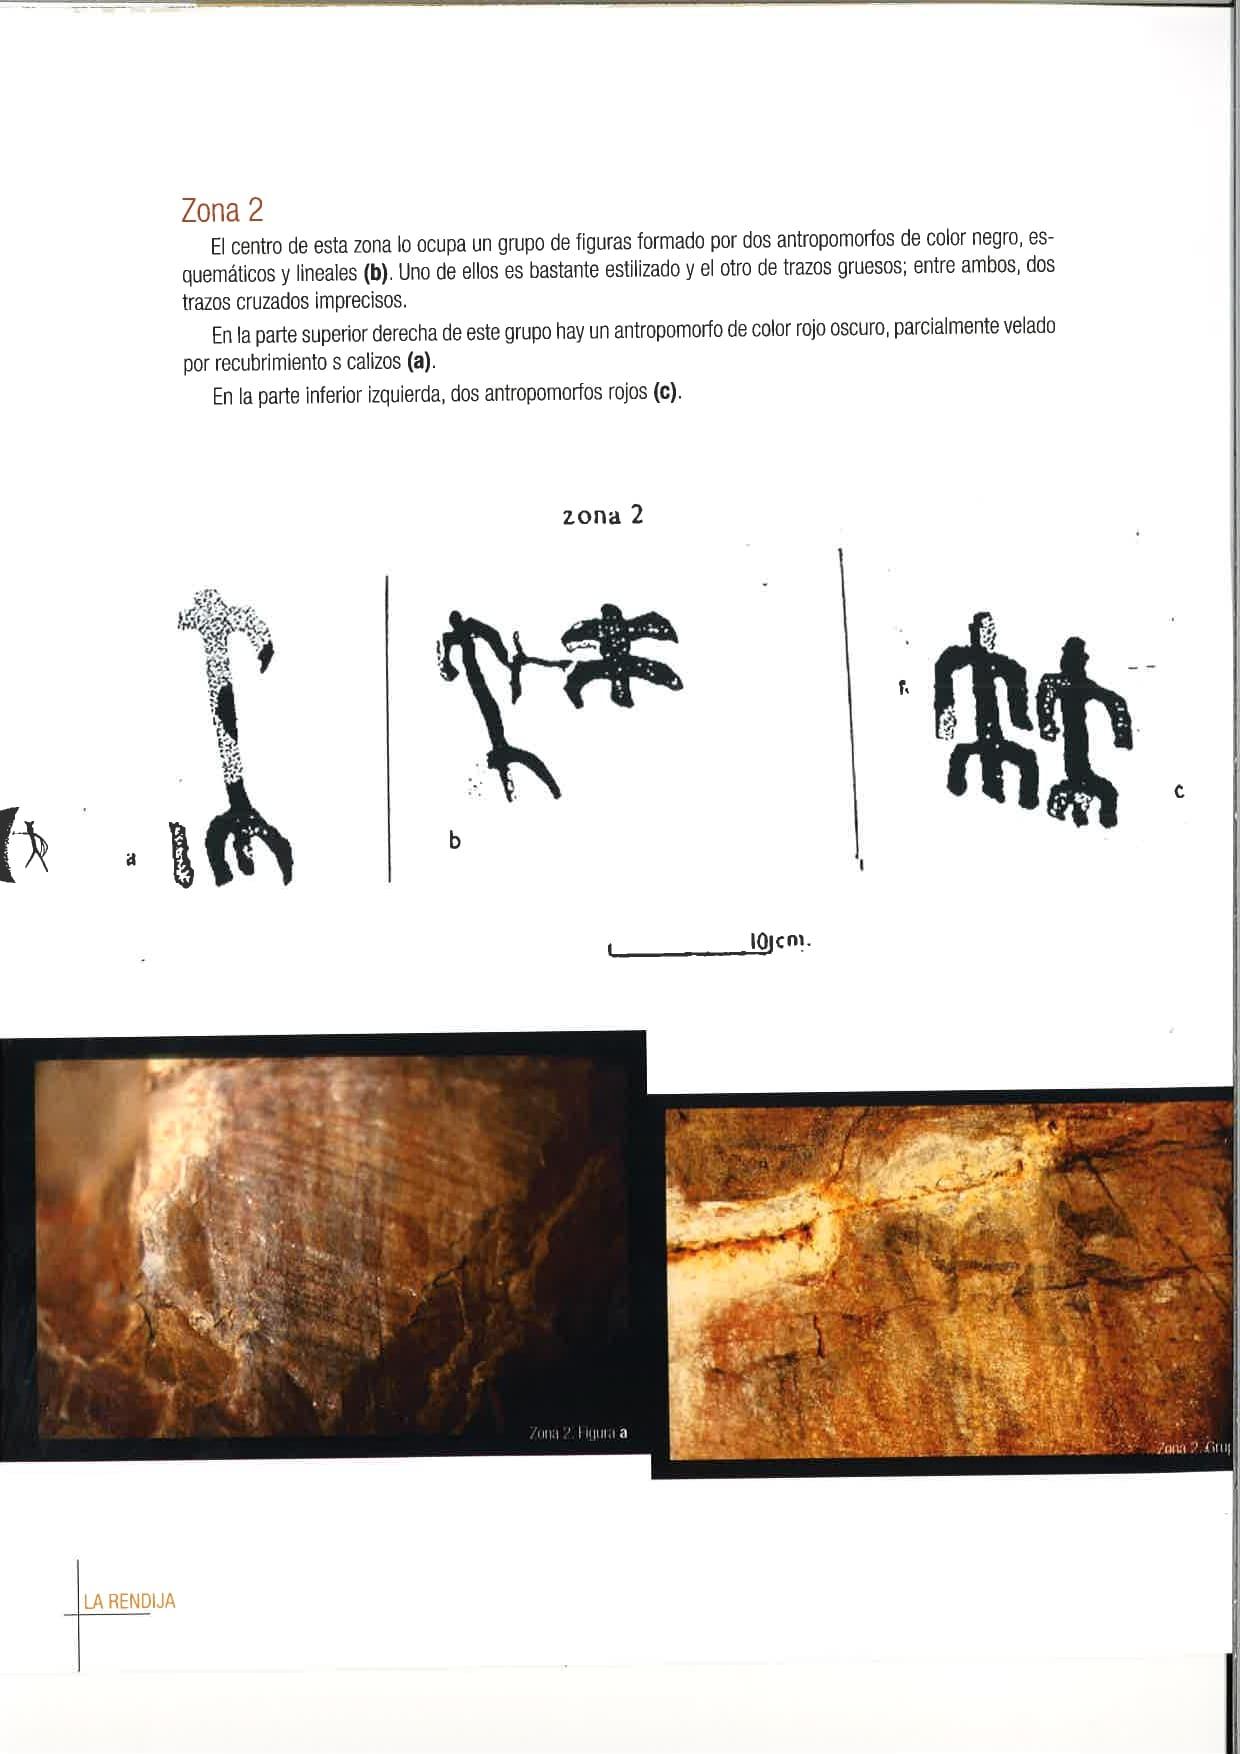 """la rendija herencia page 0007 - Herencia celebró el Día Europeo del Arte Rupestre con """"La Rendija"""""""